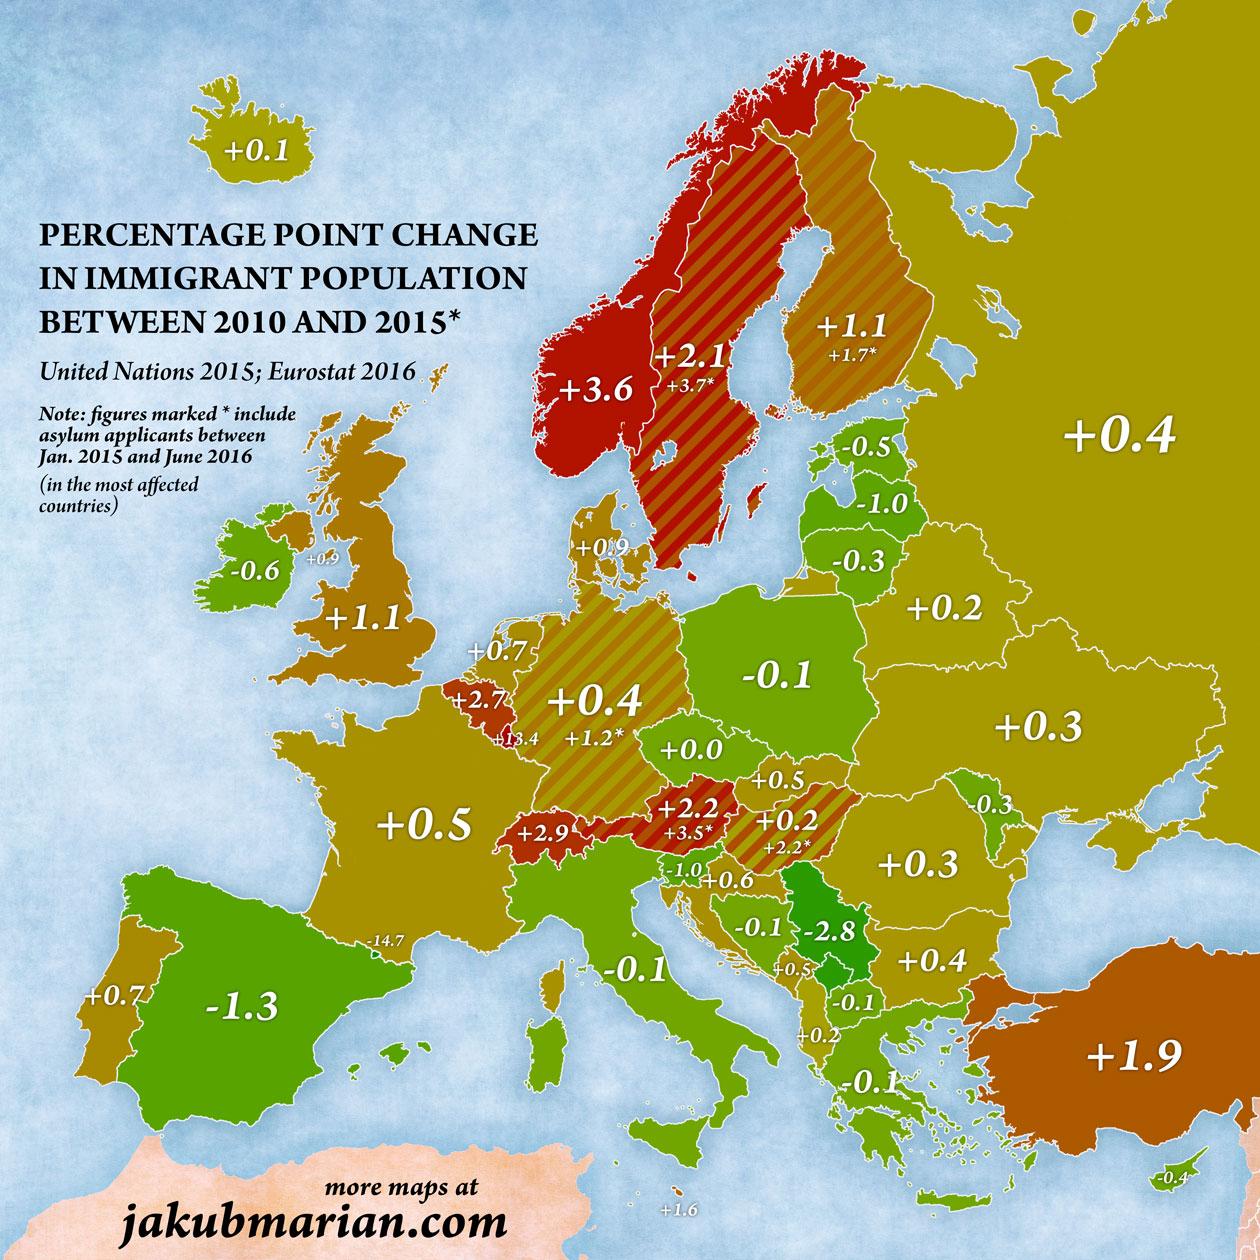 <p>Cambio porcentual de la población inmigrante entre 2010 y 2015.</p>